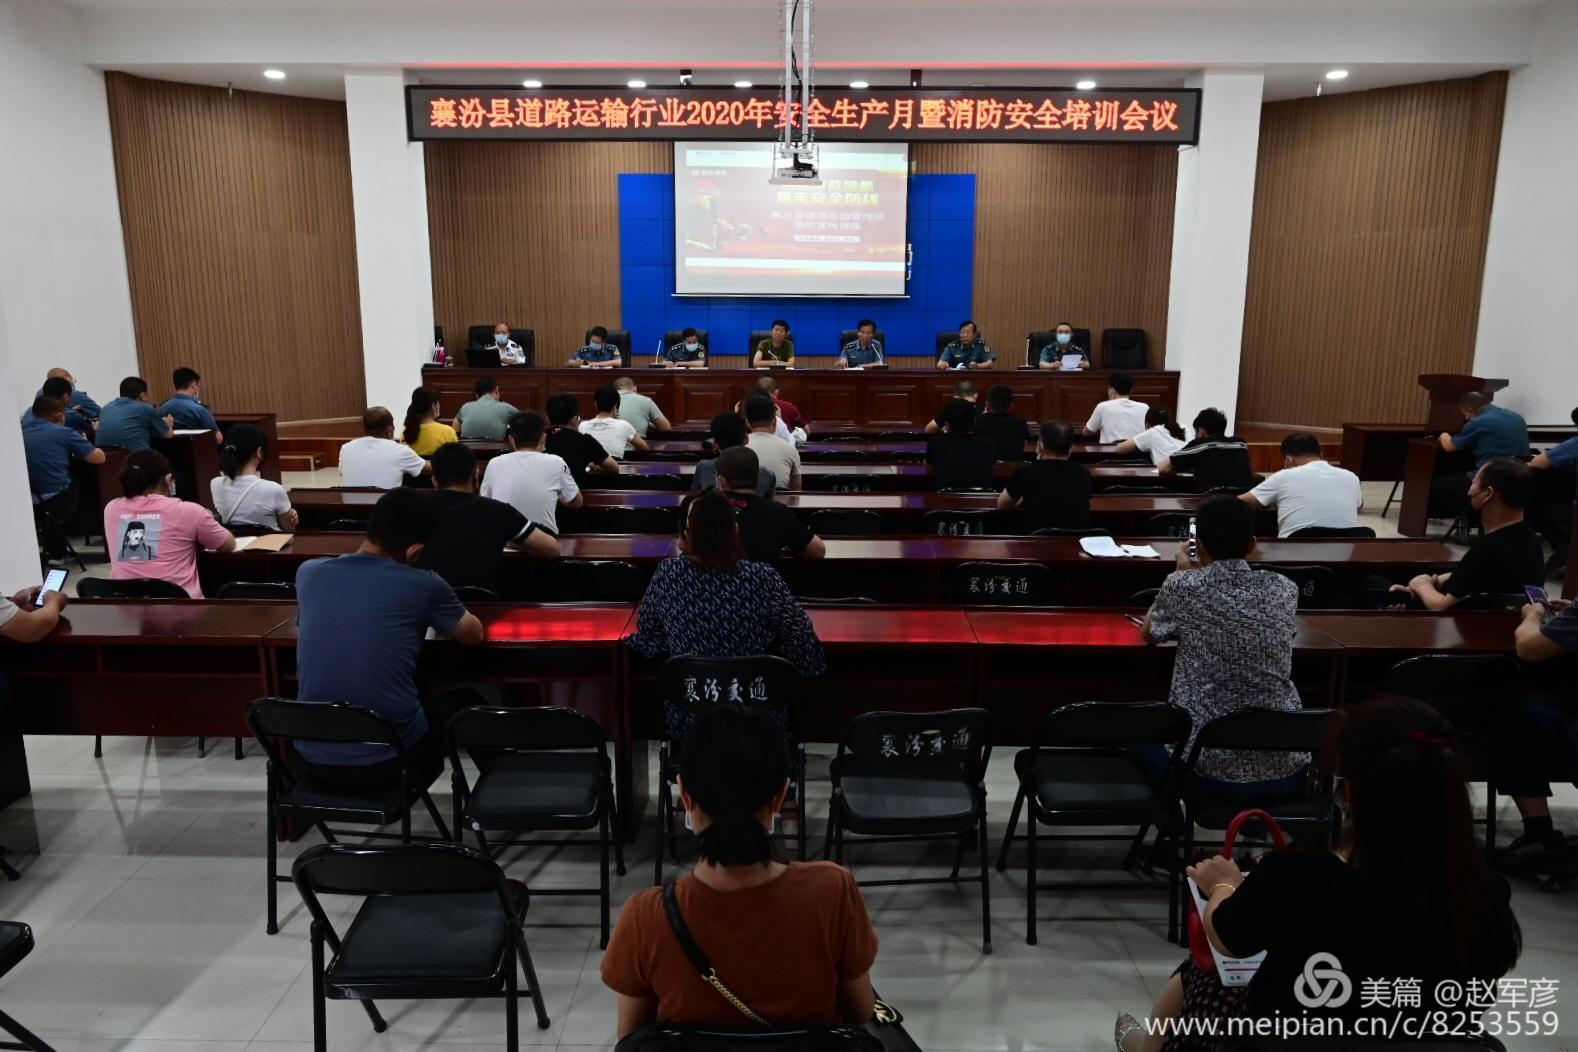 临汾分中心受邀为襄汾县道路运输管理局开展消防培训